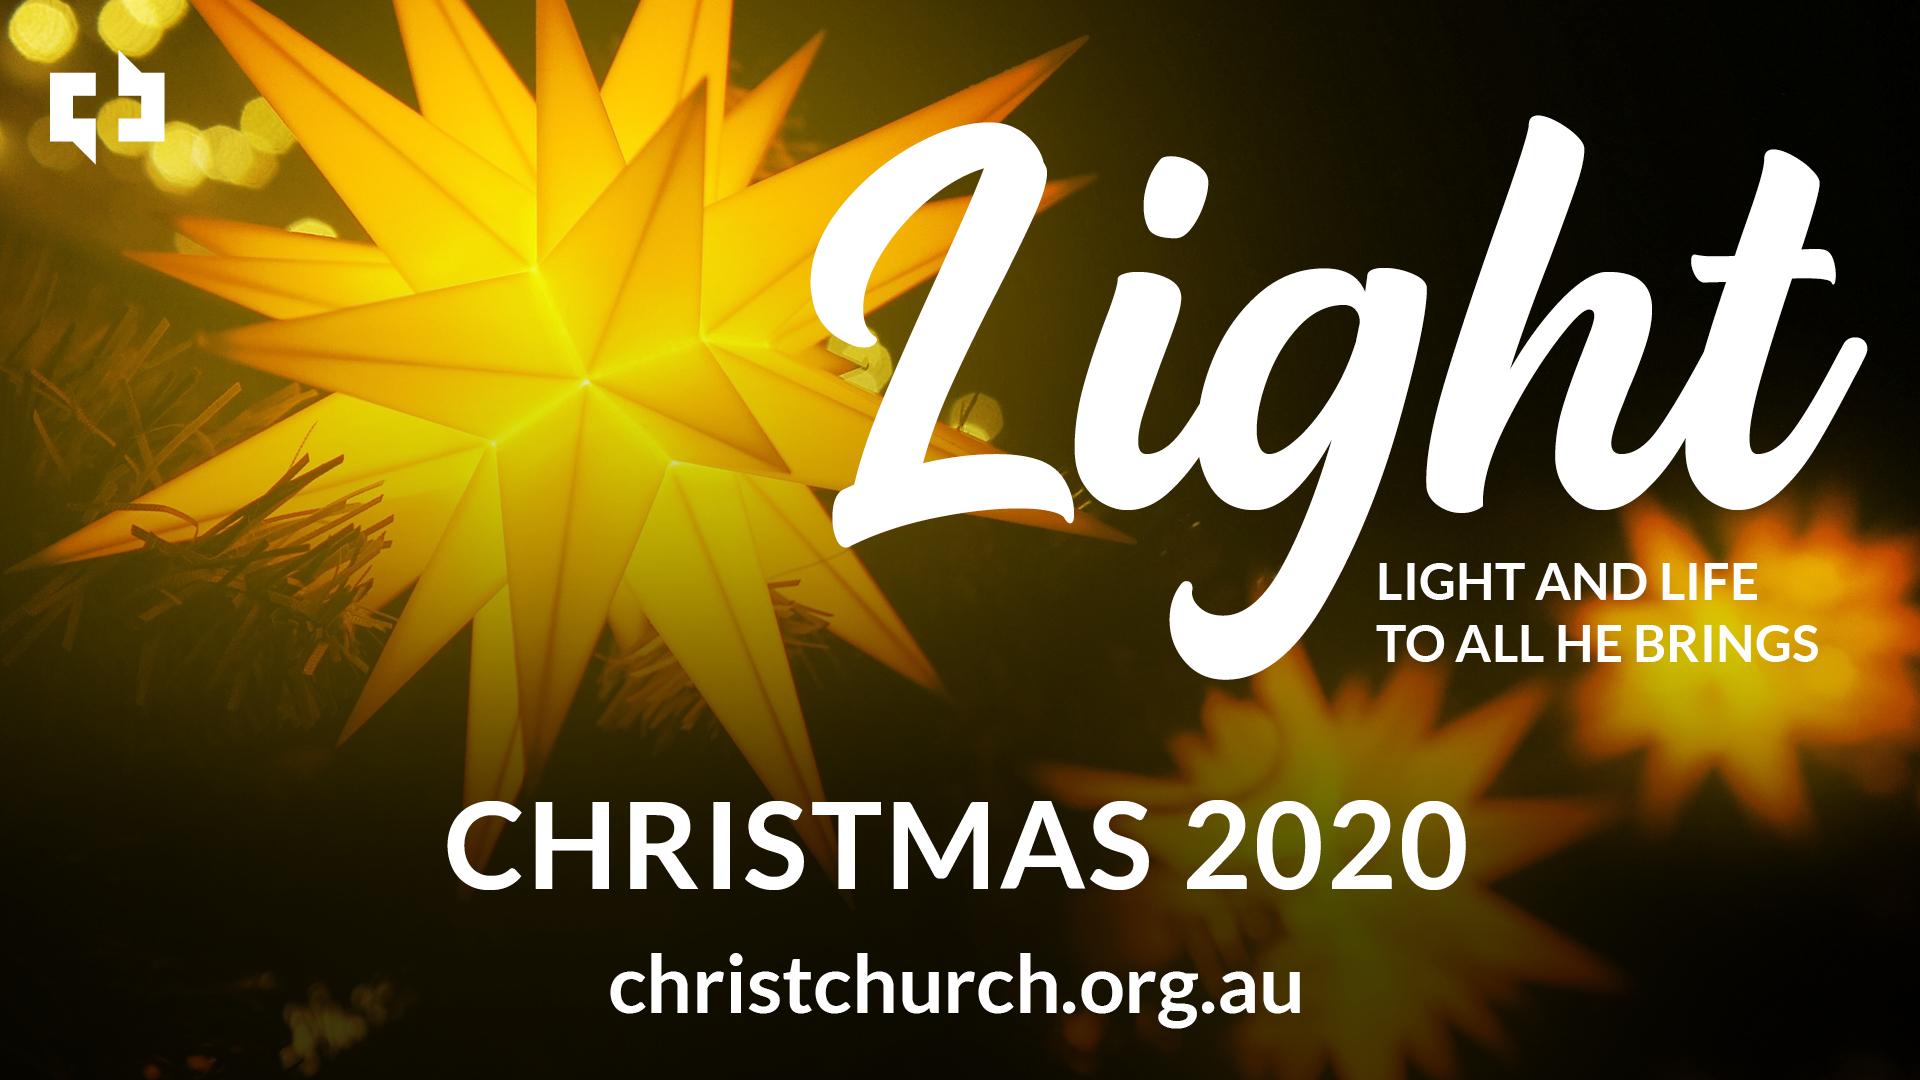 Christmas 2020 Slide-1